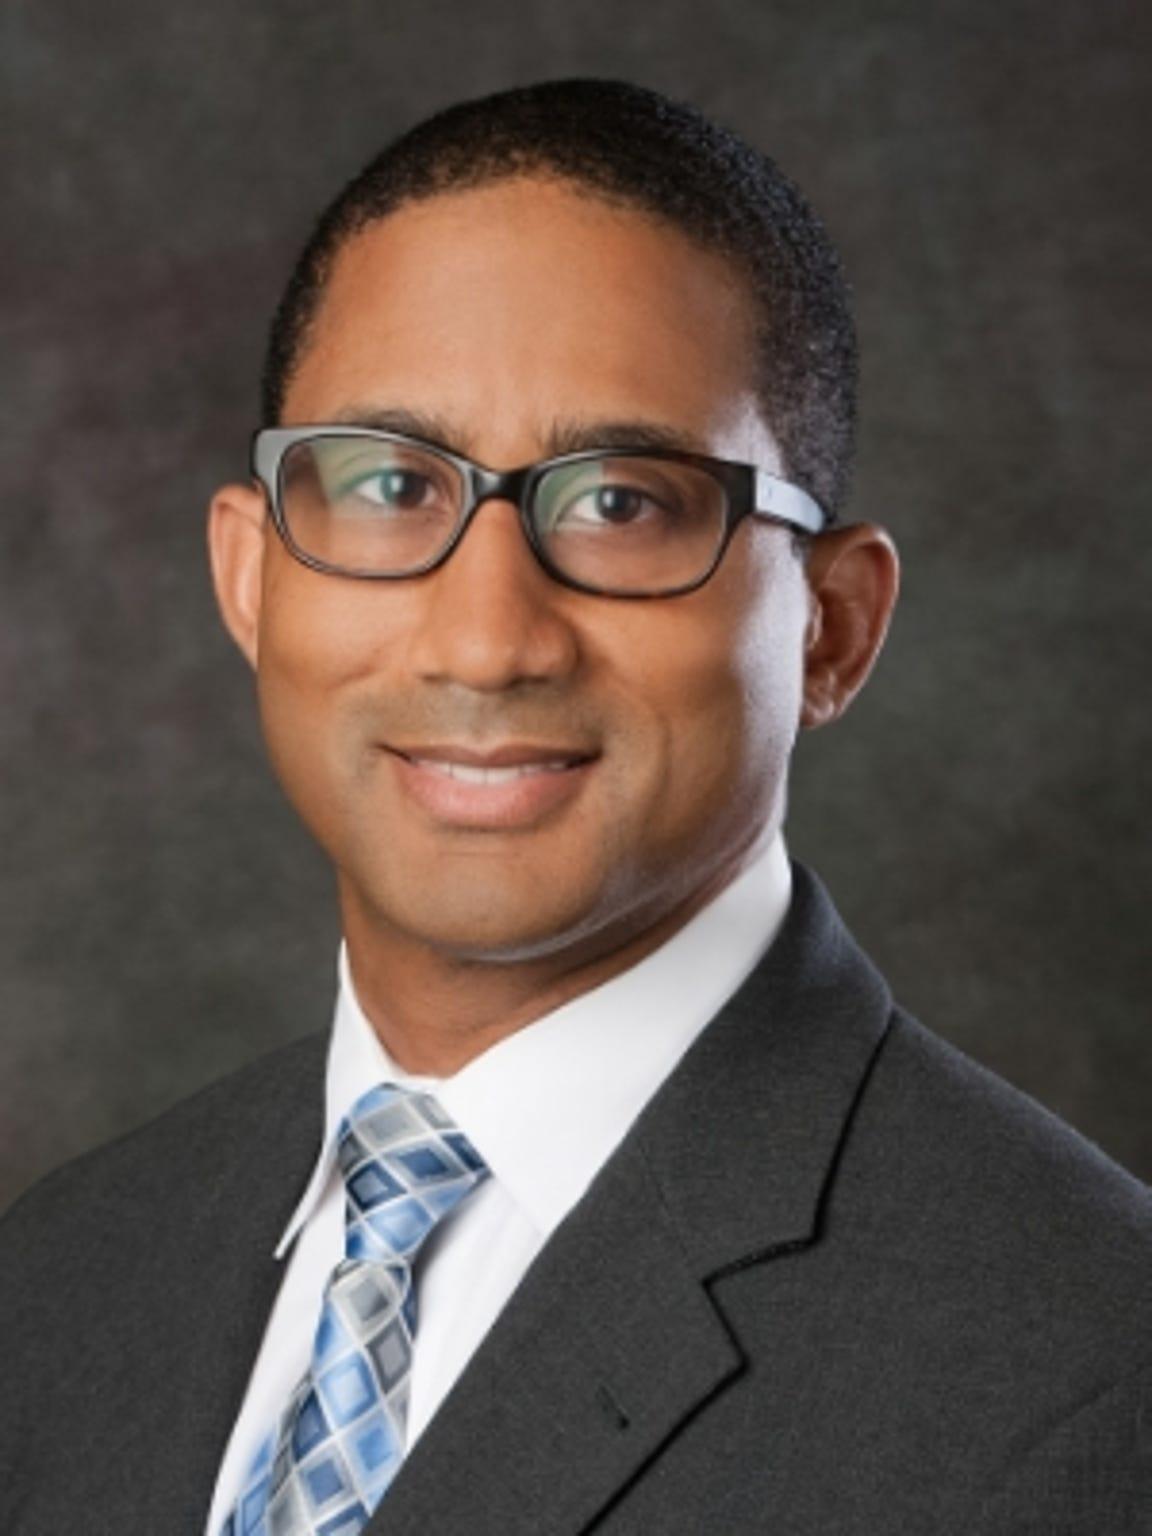 Dr. Wayne Batchelor, cardiologist, Southern Medical